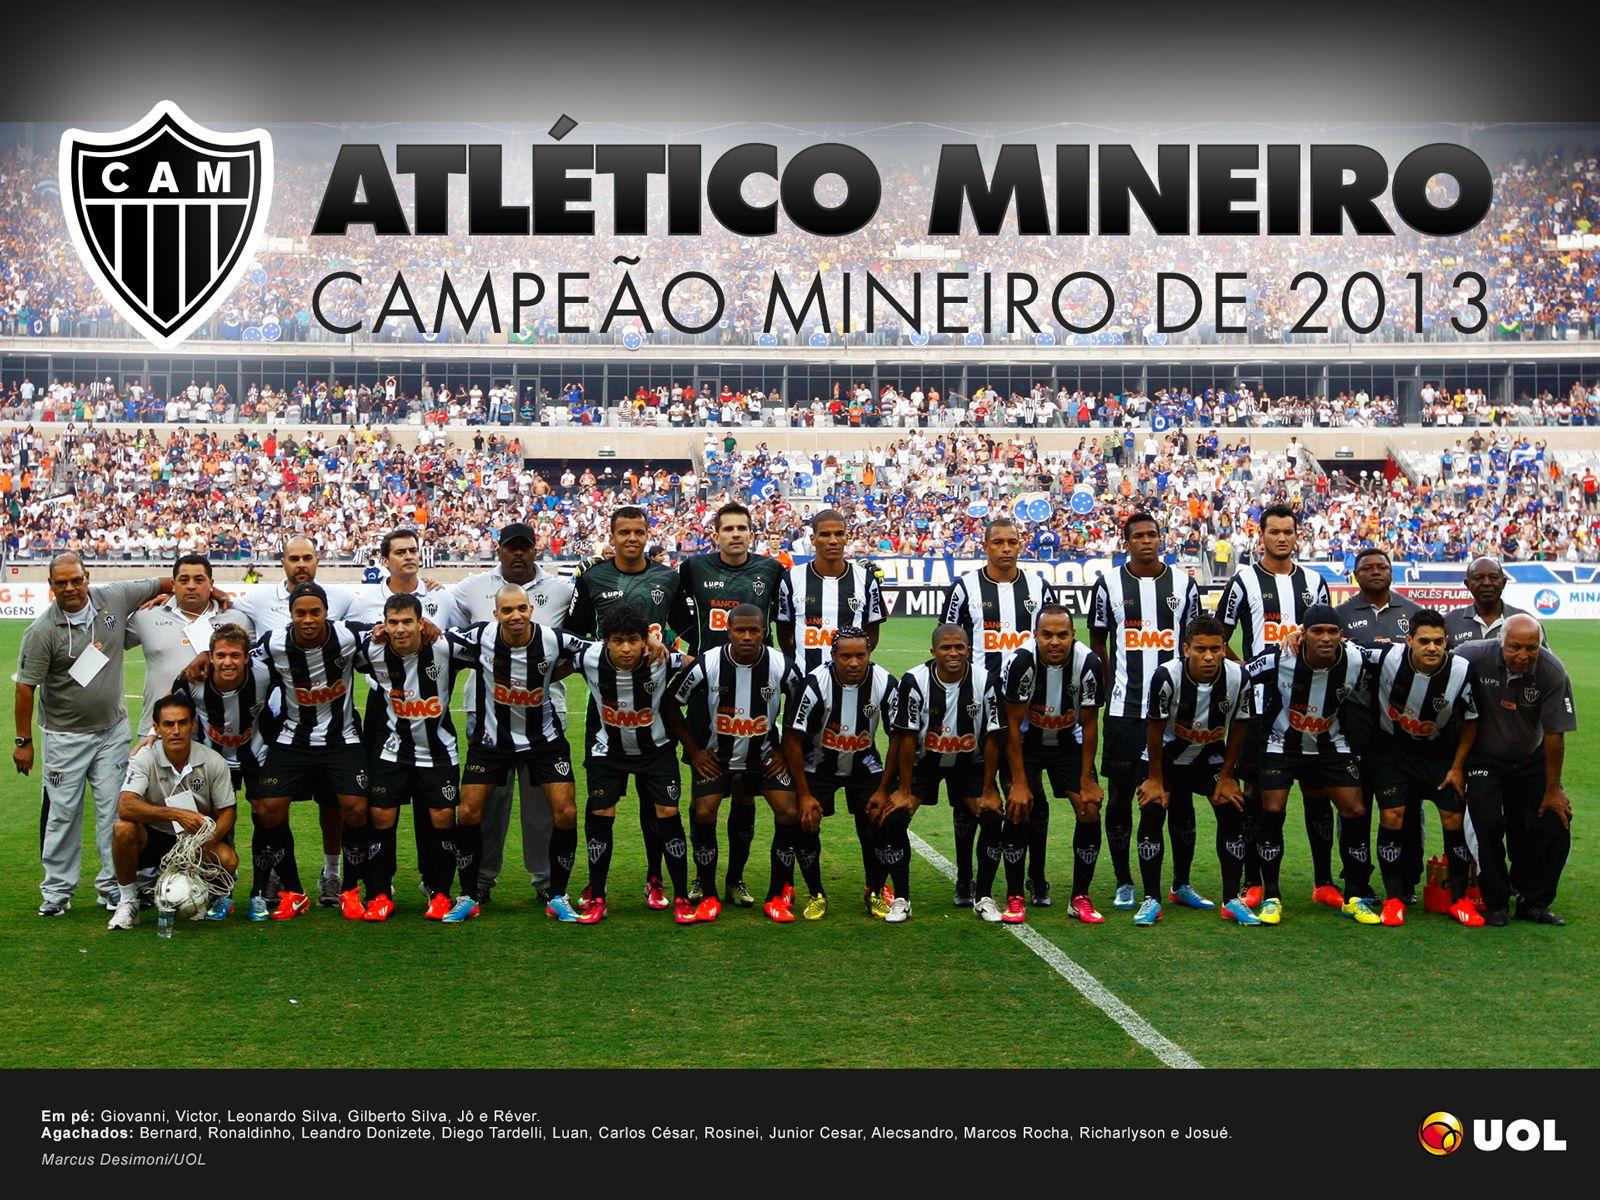 Bi-Campeão Mineiro de 2012/13